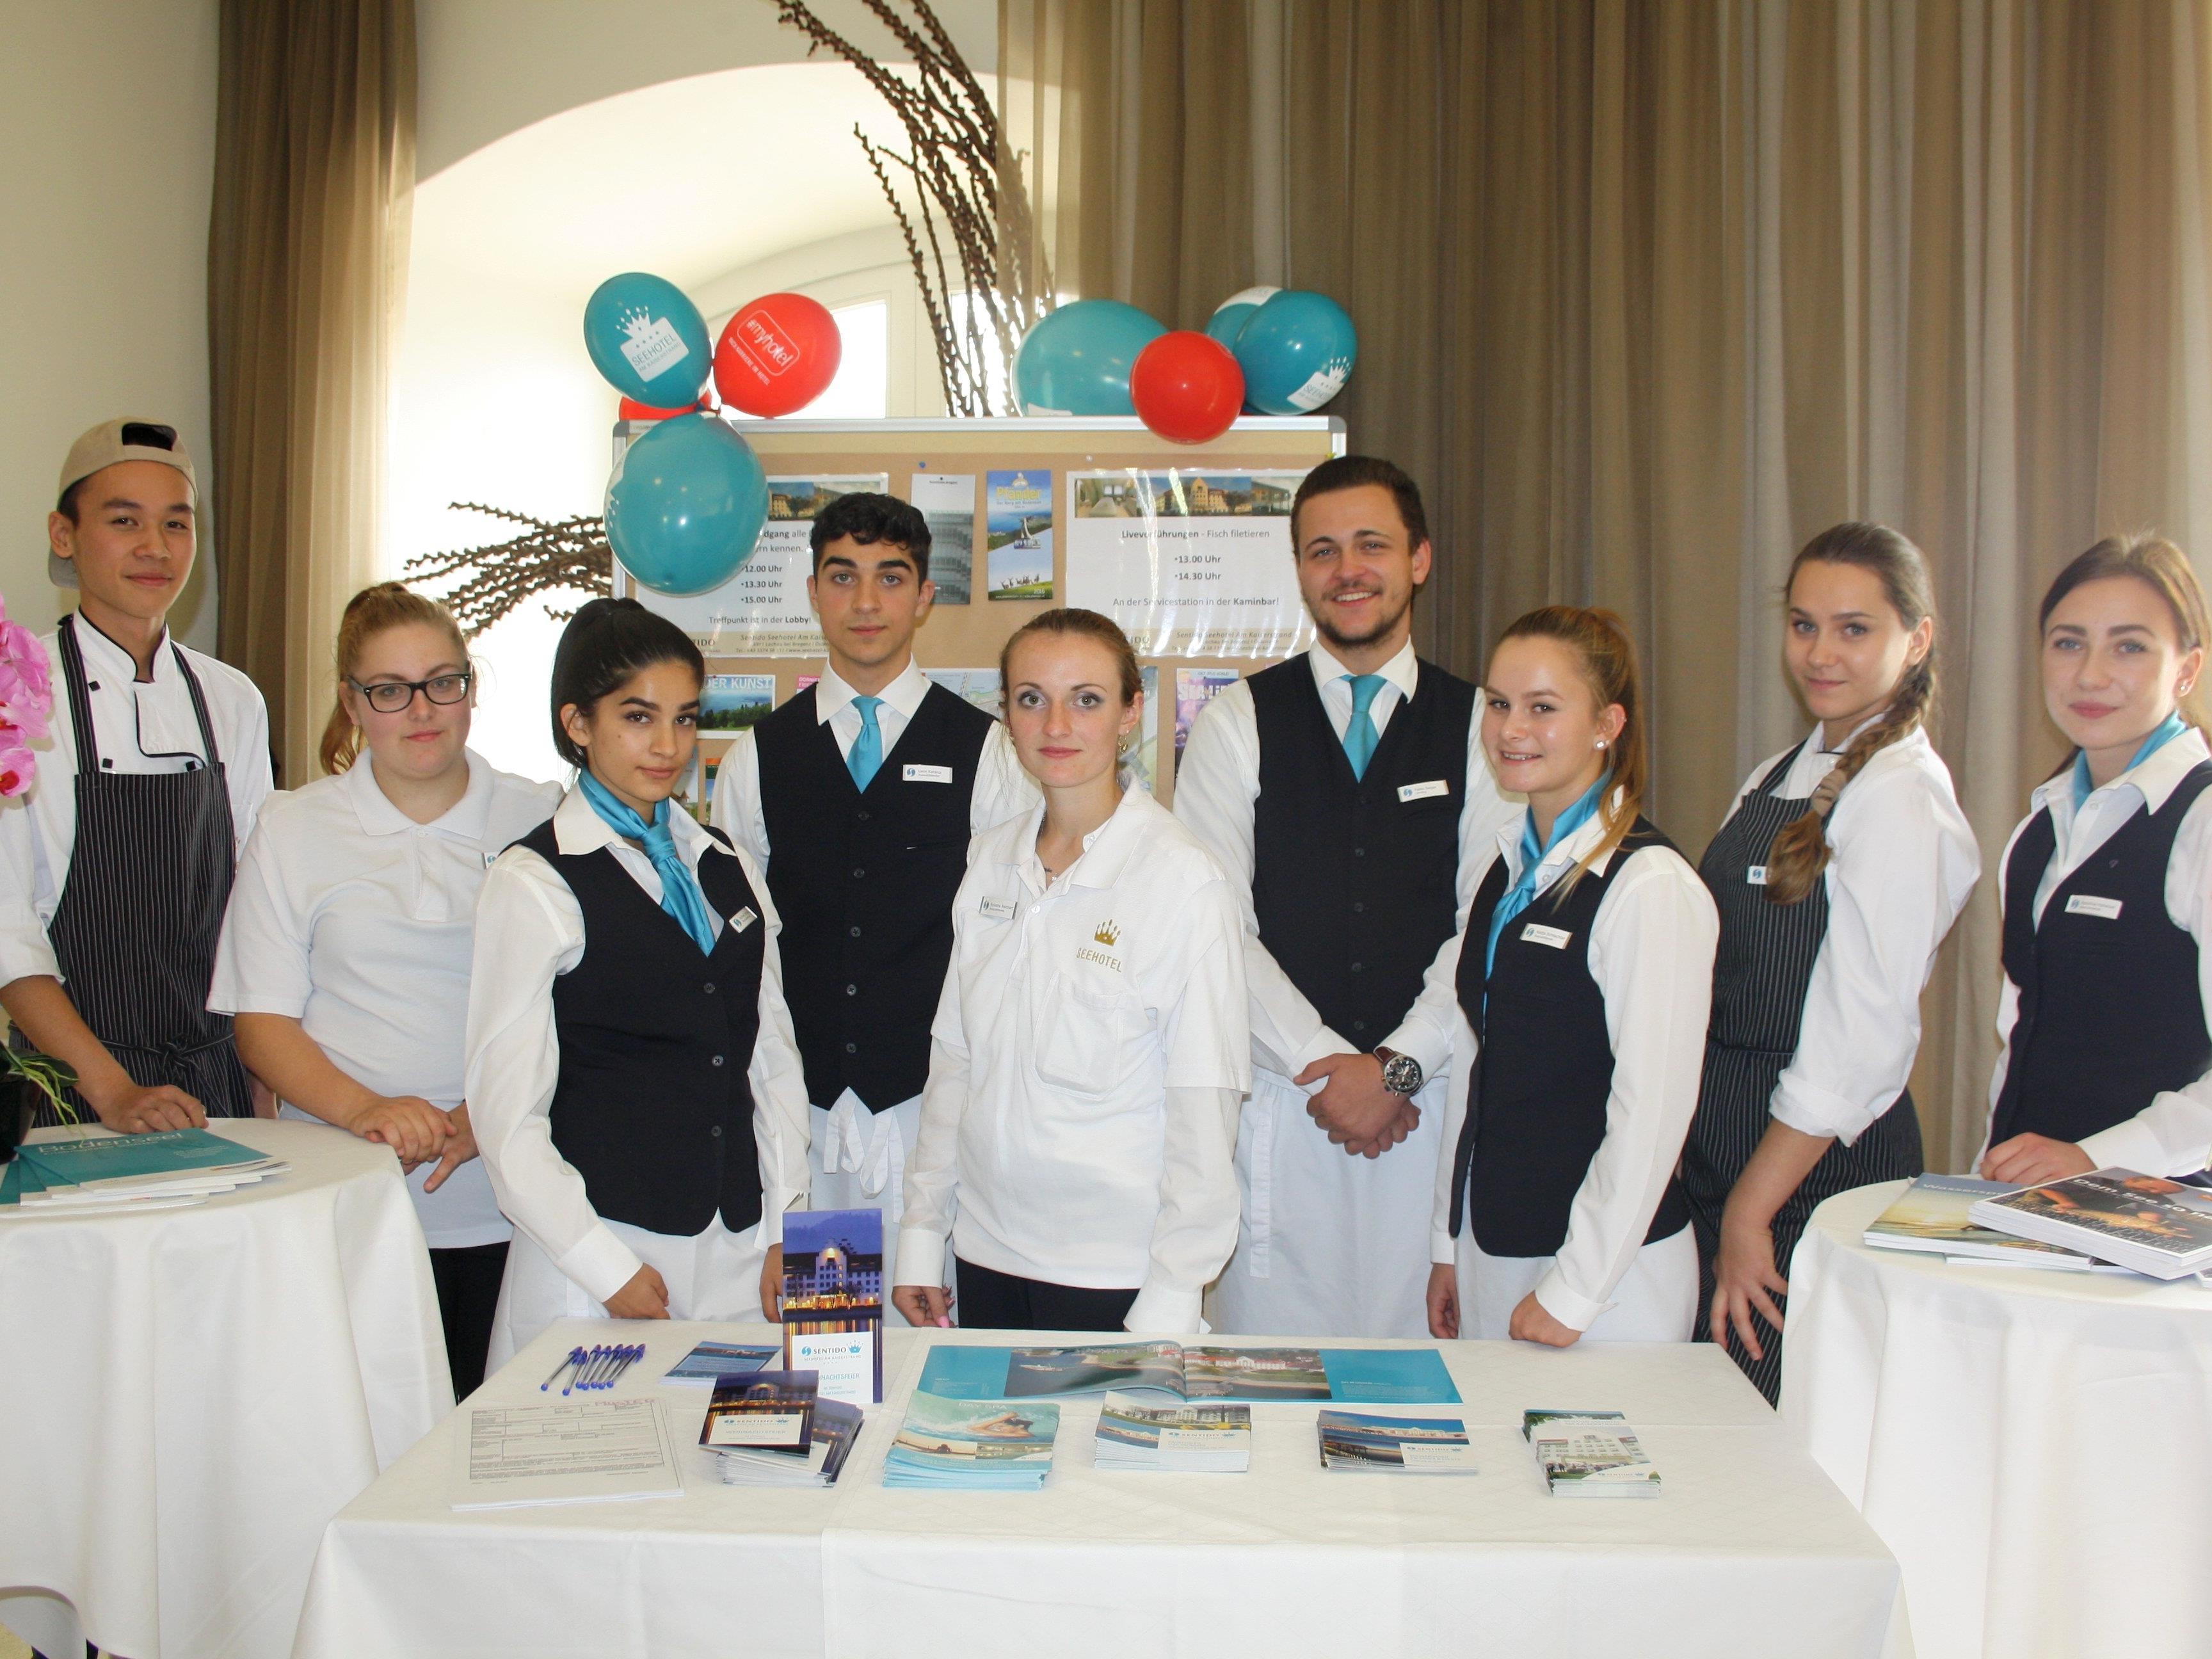 """Beim """"Tag der offenen Hoteltür"""" informierten im Speziellen die Lehrlinge des Sentido Seehotel Am Kaiserstrand über die Berufsausbildungsmöglichkeiten und die Tätigkeiten in der Hotellerie"""